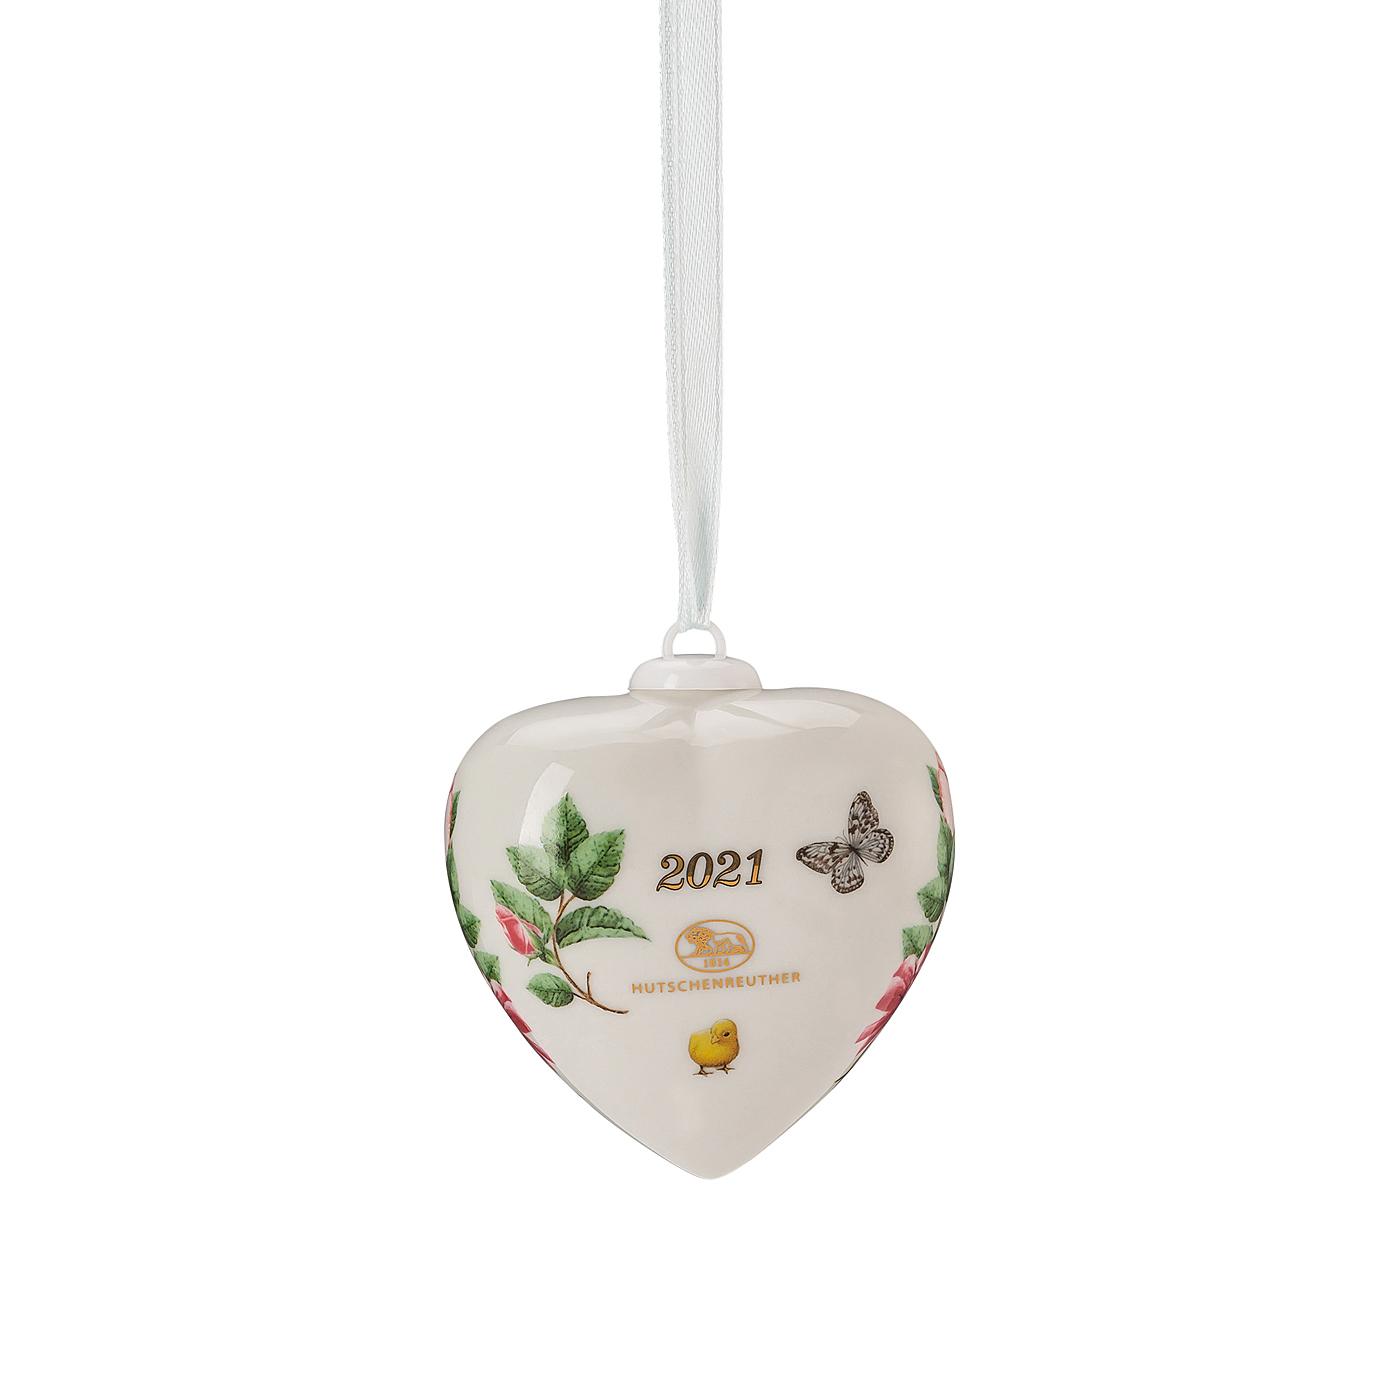 Porzellan-Herz Das Herz 2021 Hutschenreuther